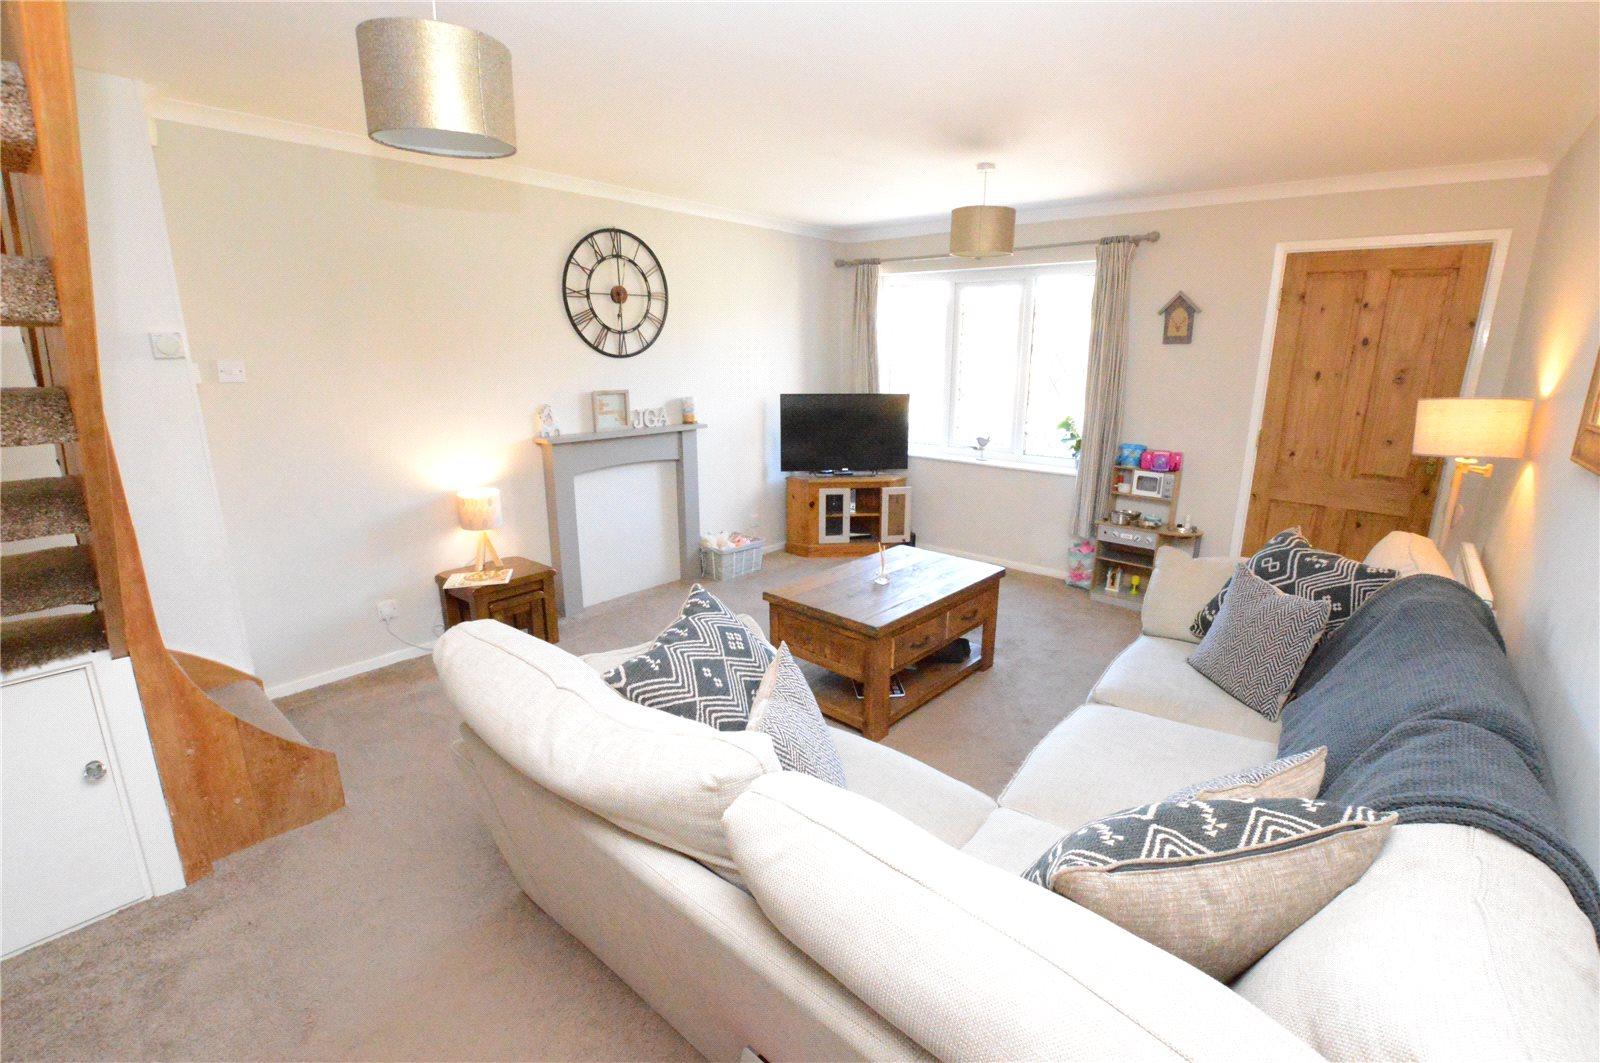 Property for sale in crossgates, reception room area corner sofa and cream decor